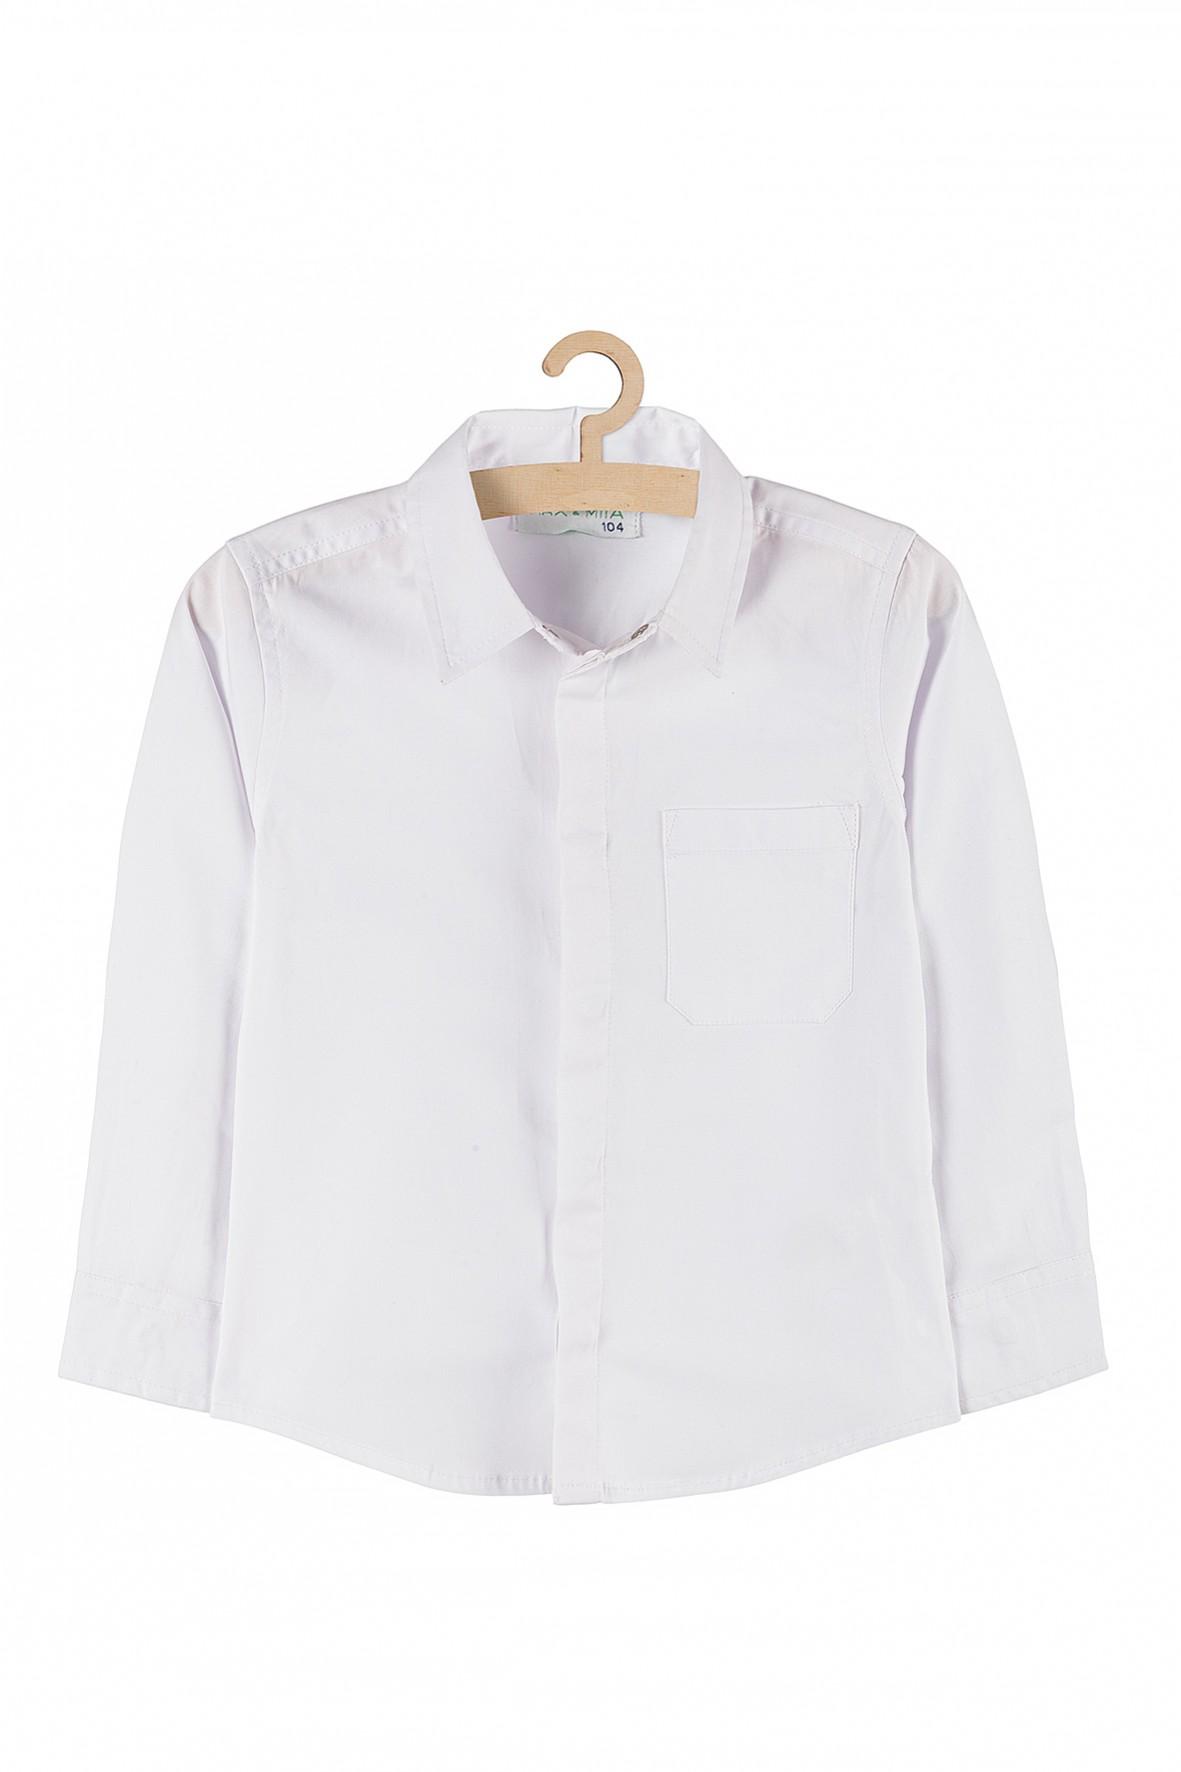 Koszula chłopięca 1J3708 | Sklep 5.10.15  MnYbp